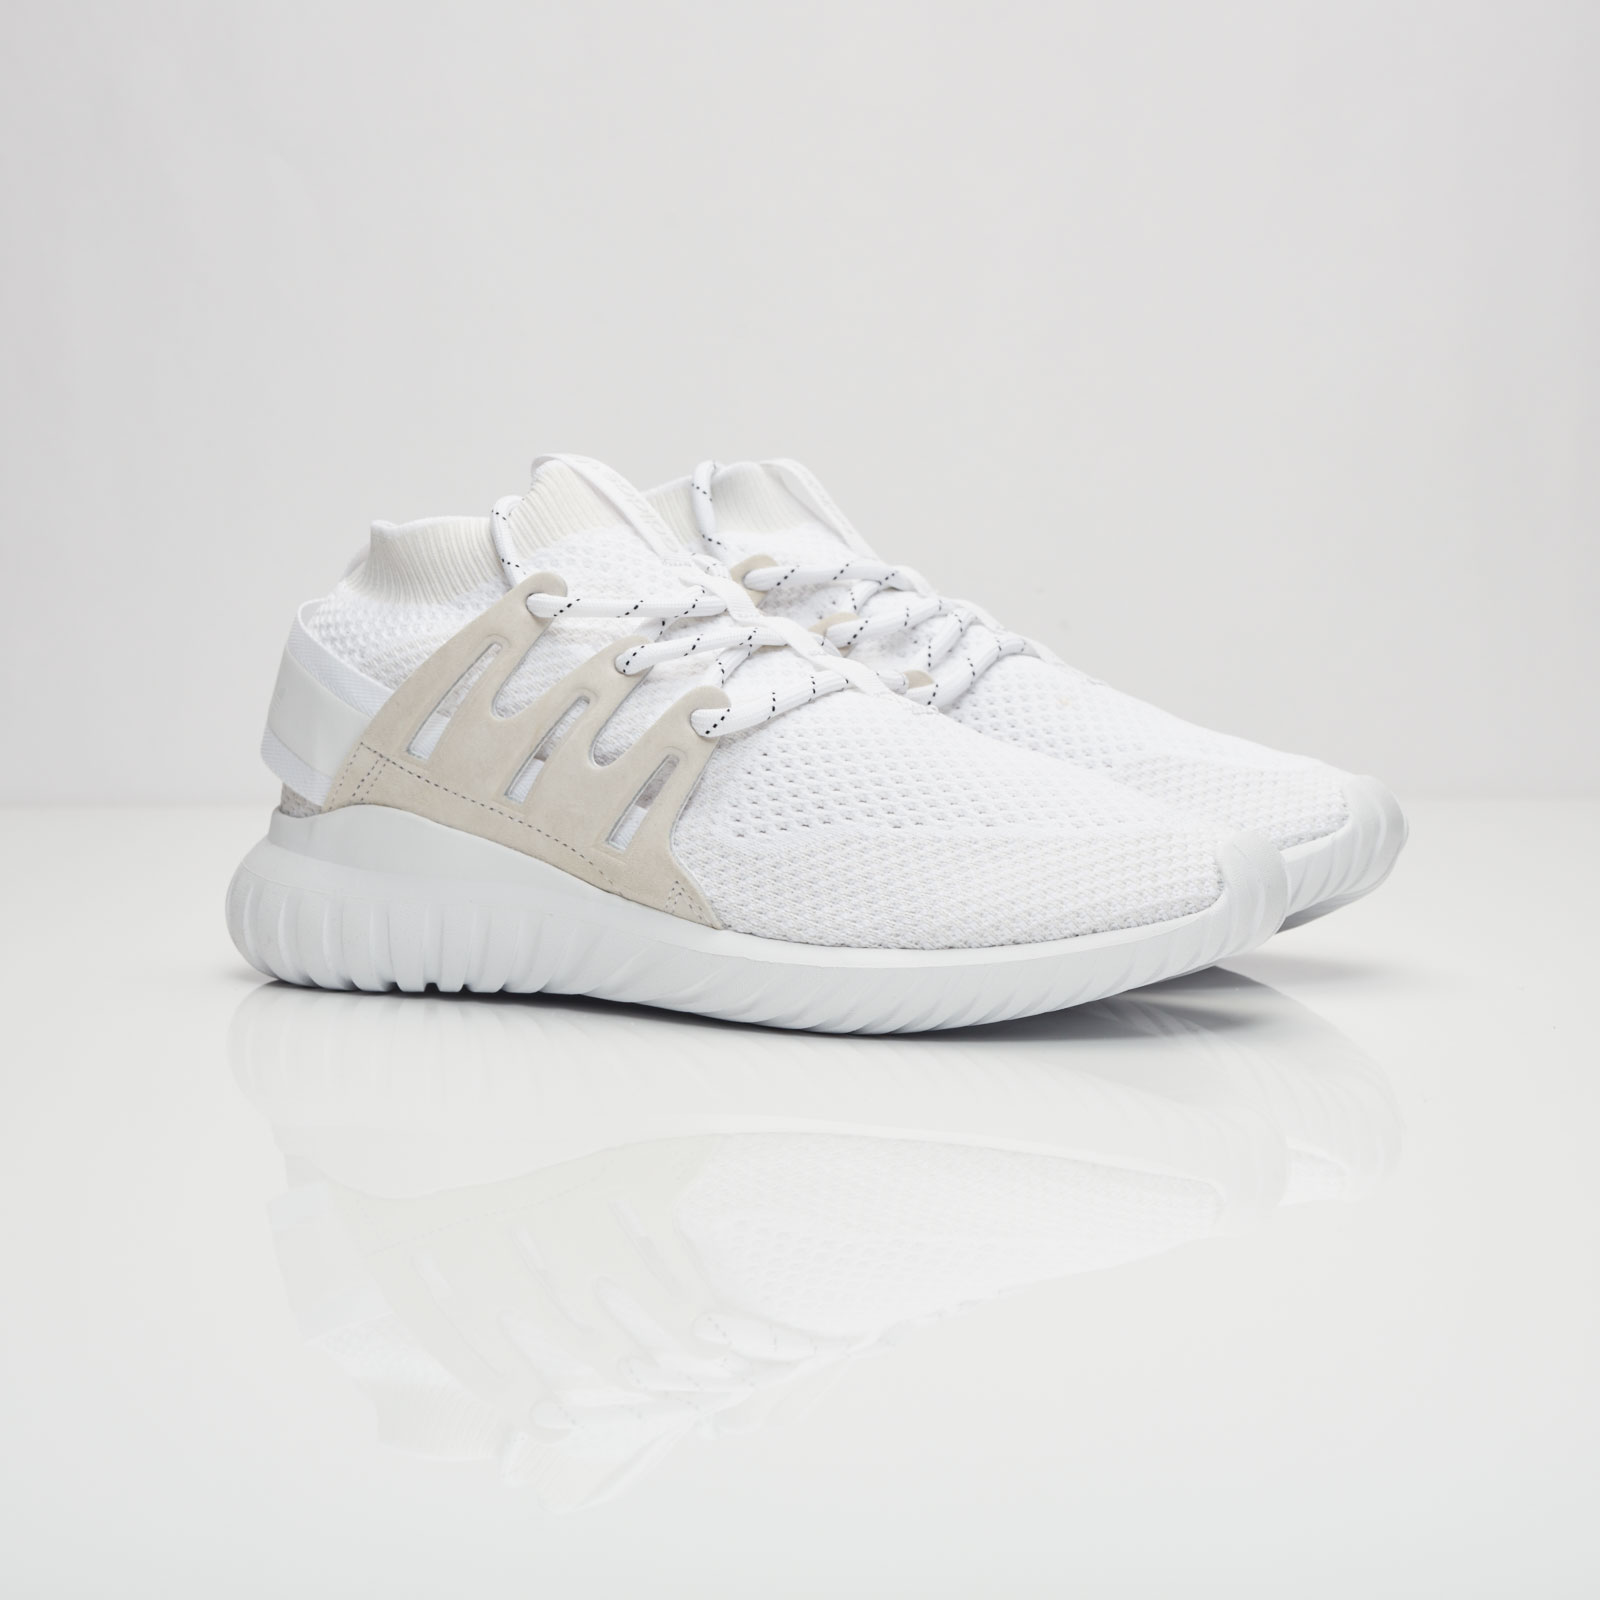 tubolari nova pk s80106 sneakersnstuff scarpe adidas